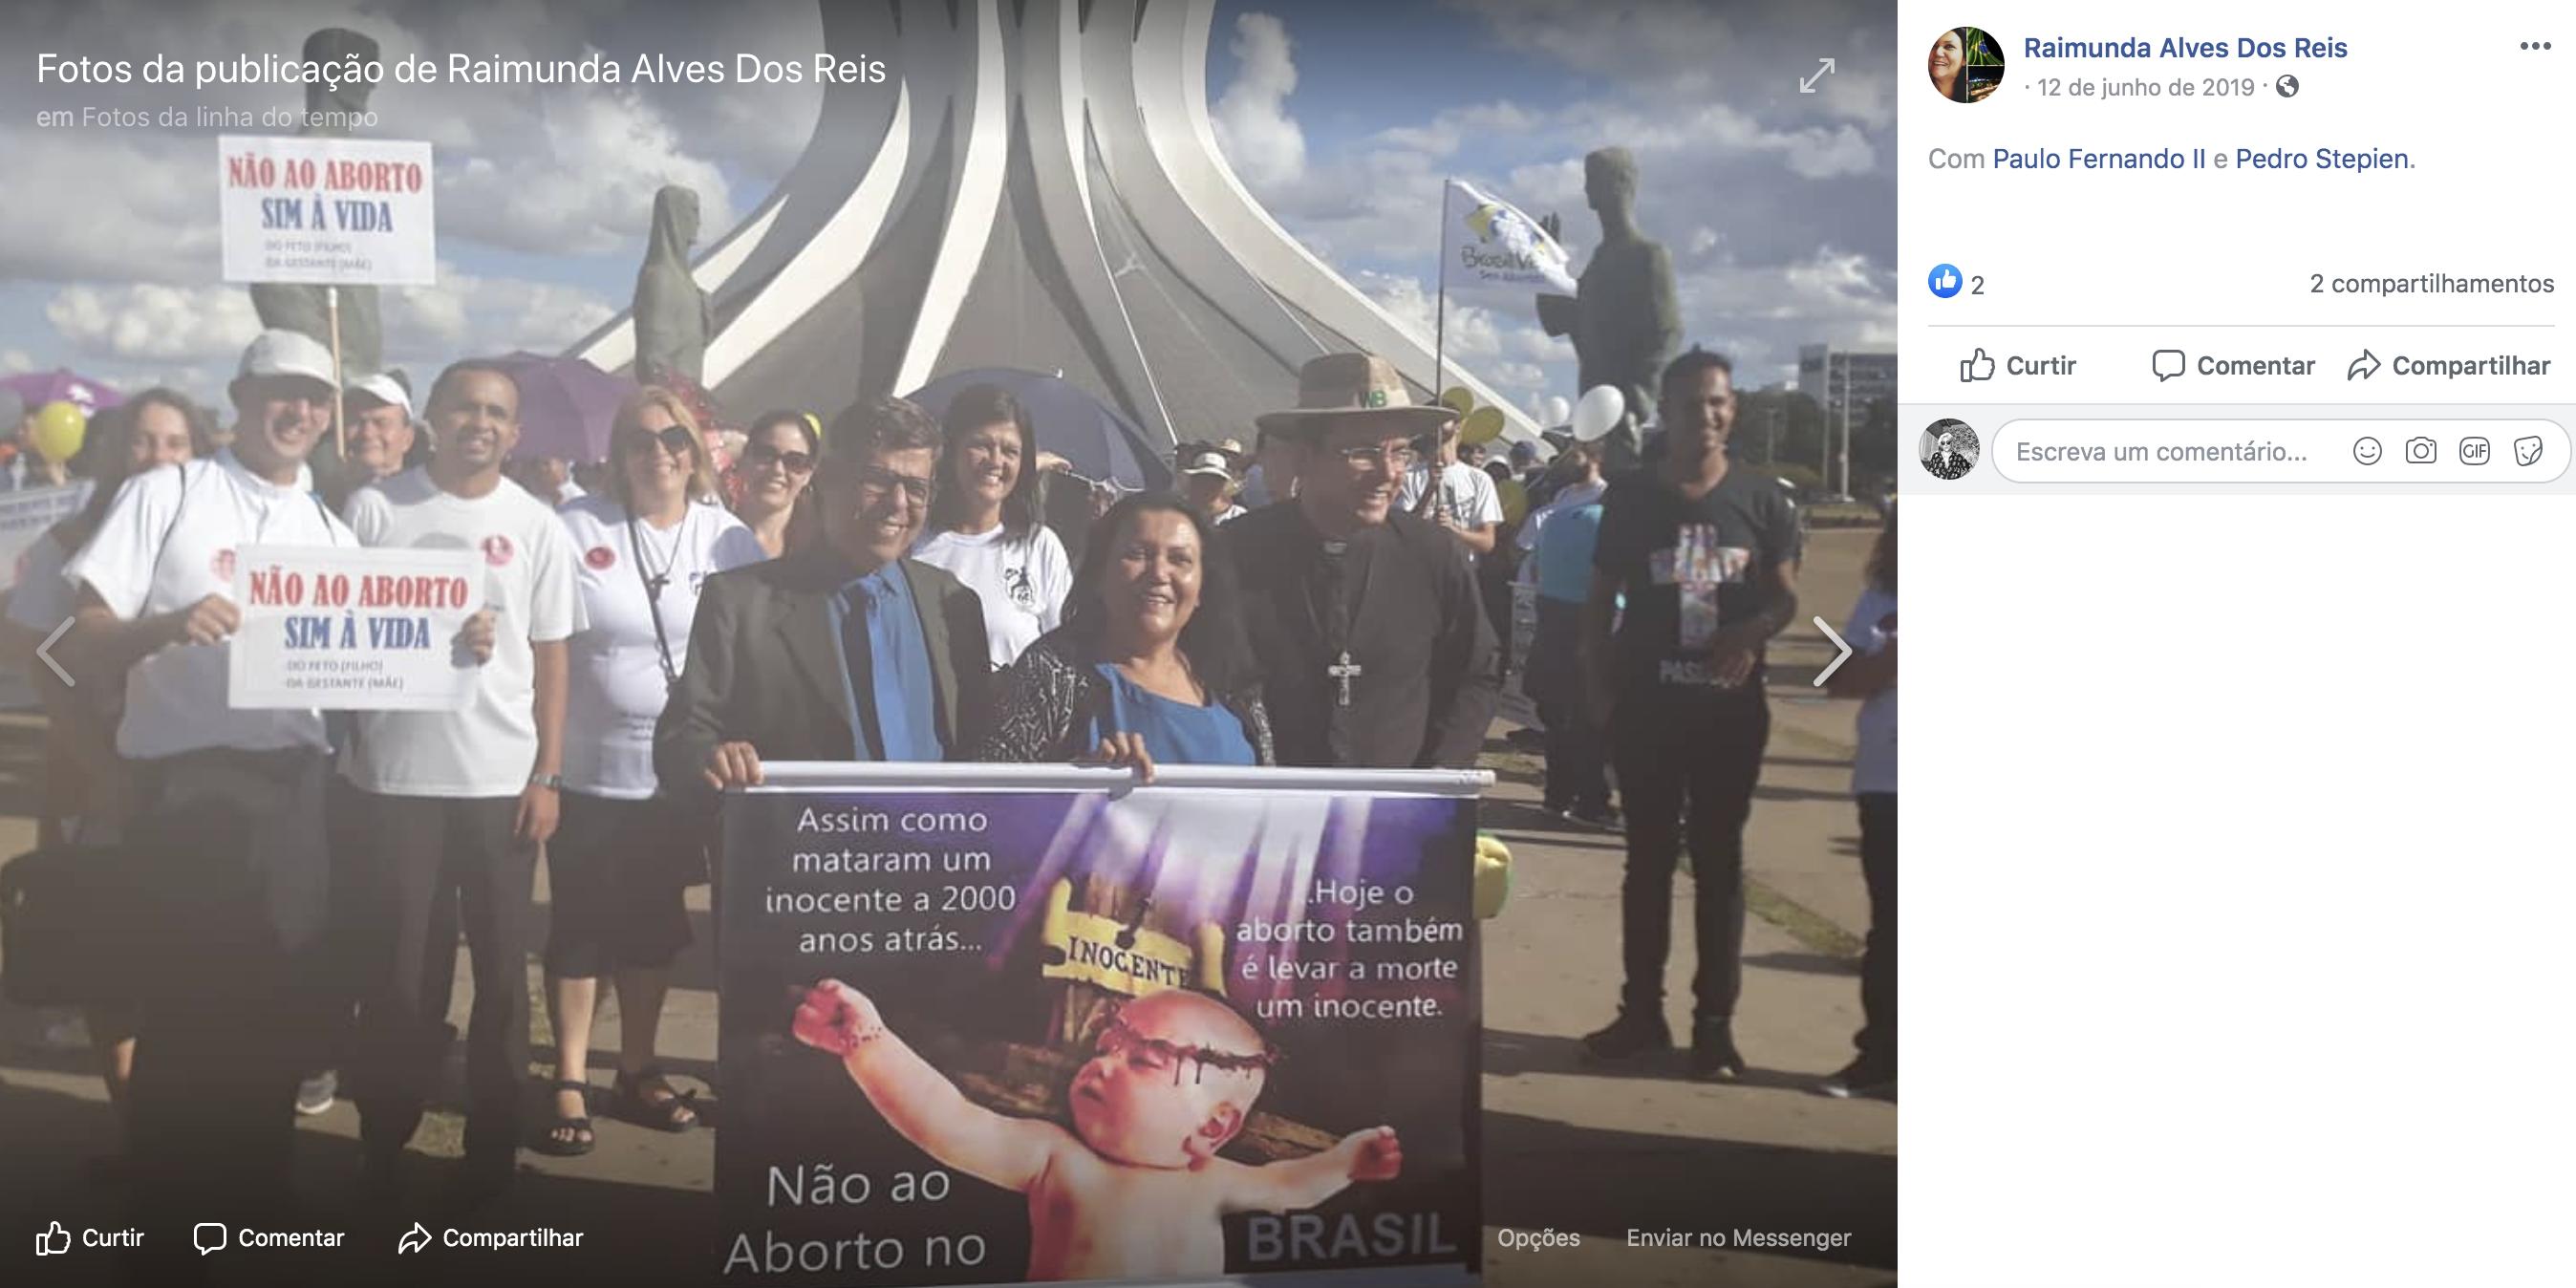 Reis protesta contra o direito ao aborto em Brasília.